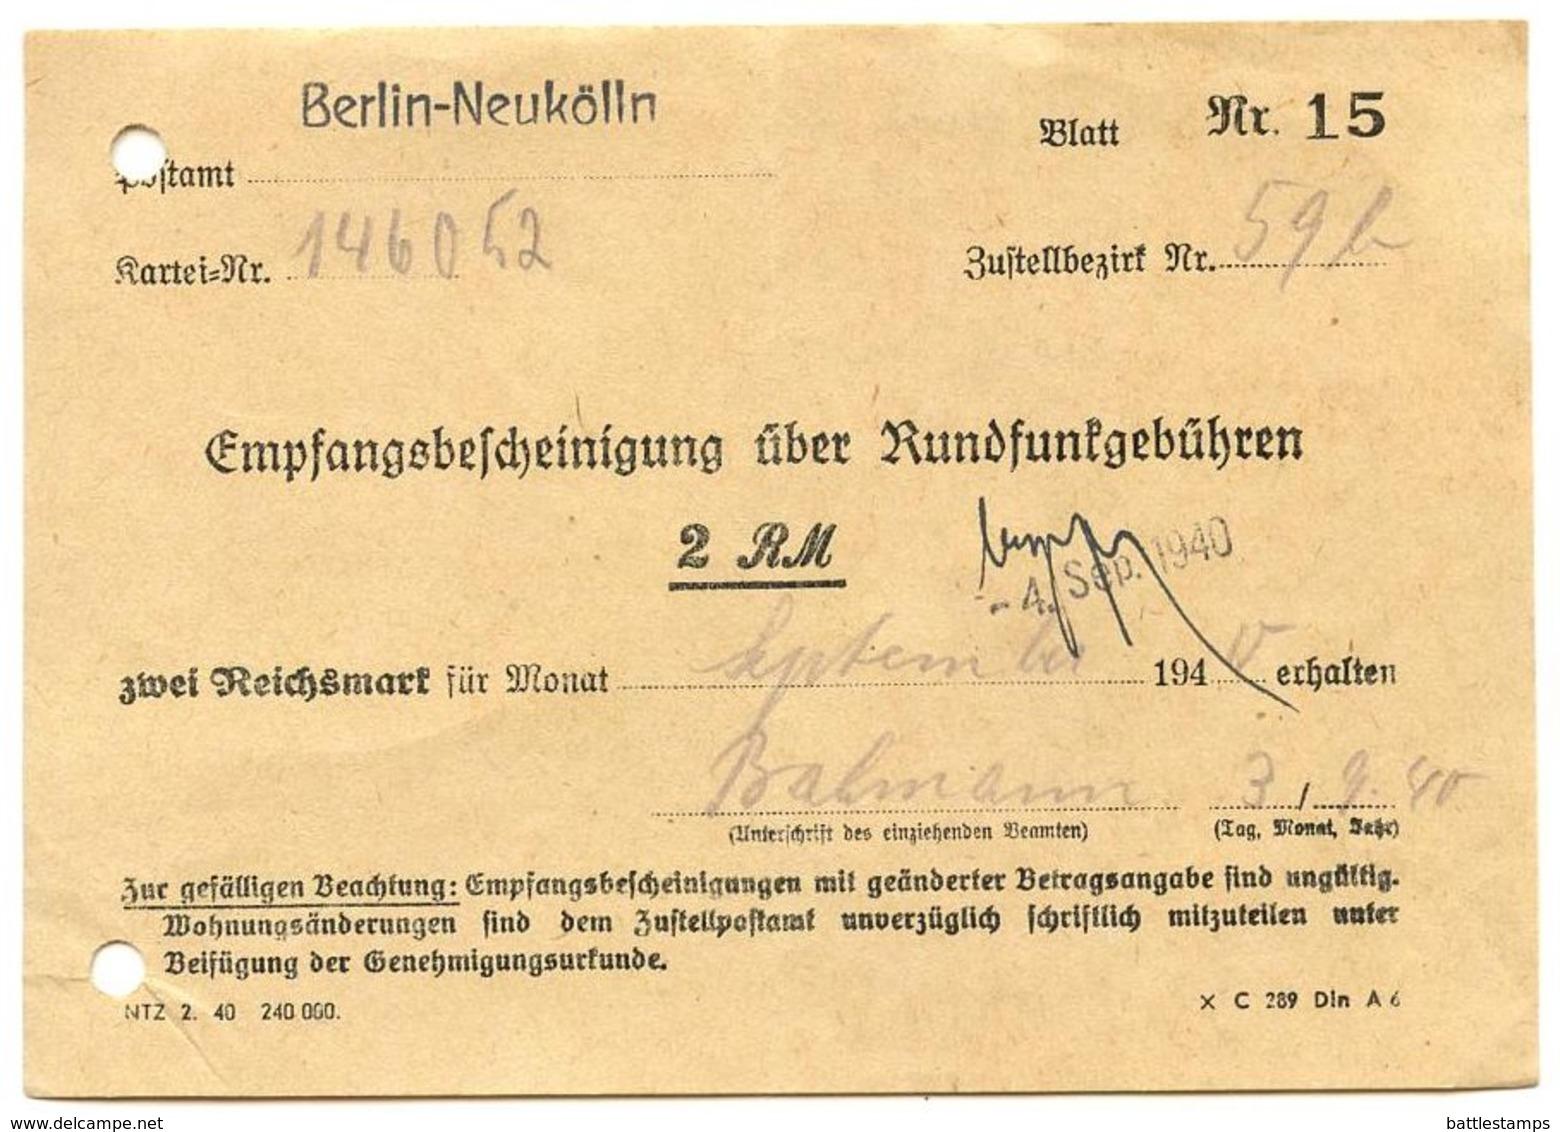 Germany 1940 Berlin-Neukölln, Empfangsbescheinigung über Rundfunkgebühren - Germany